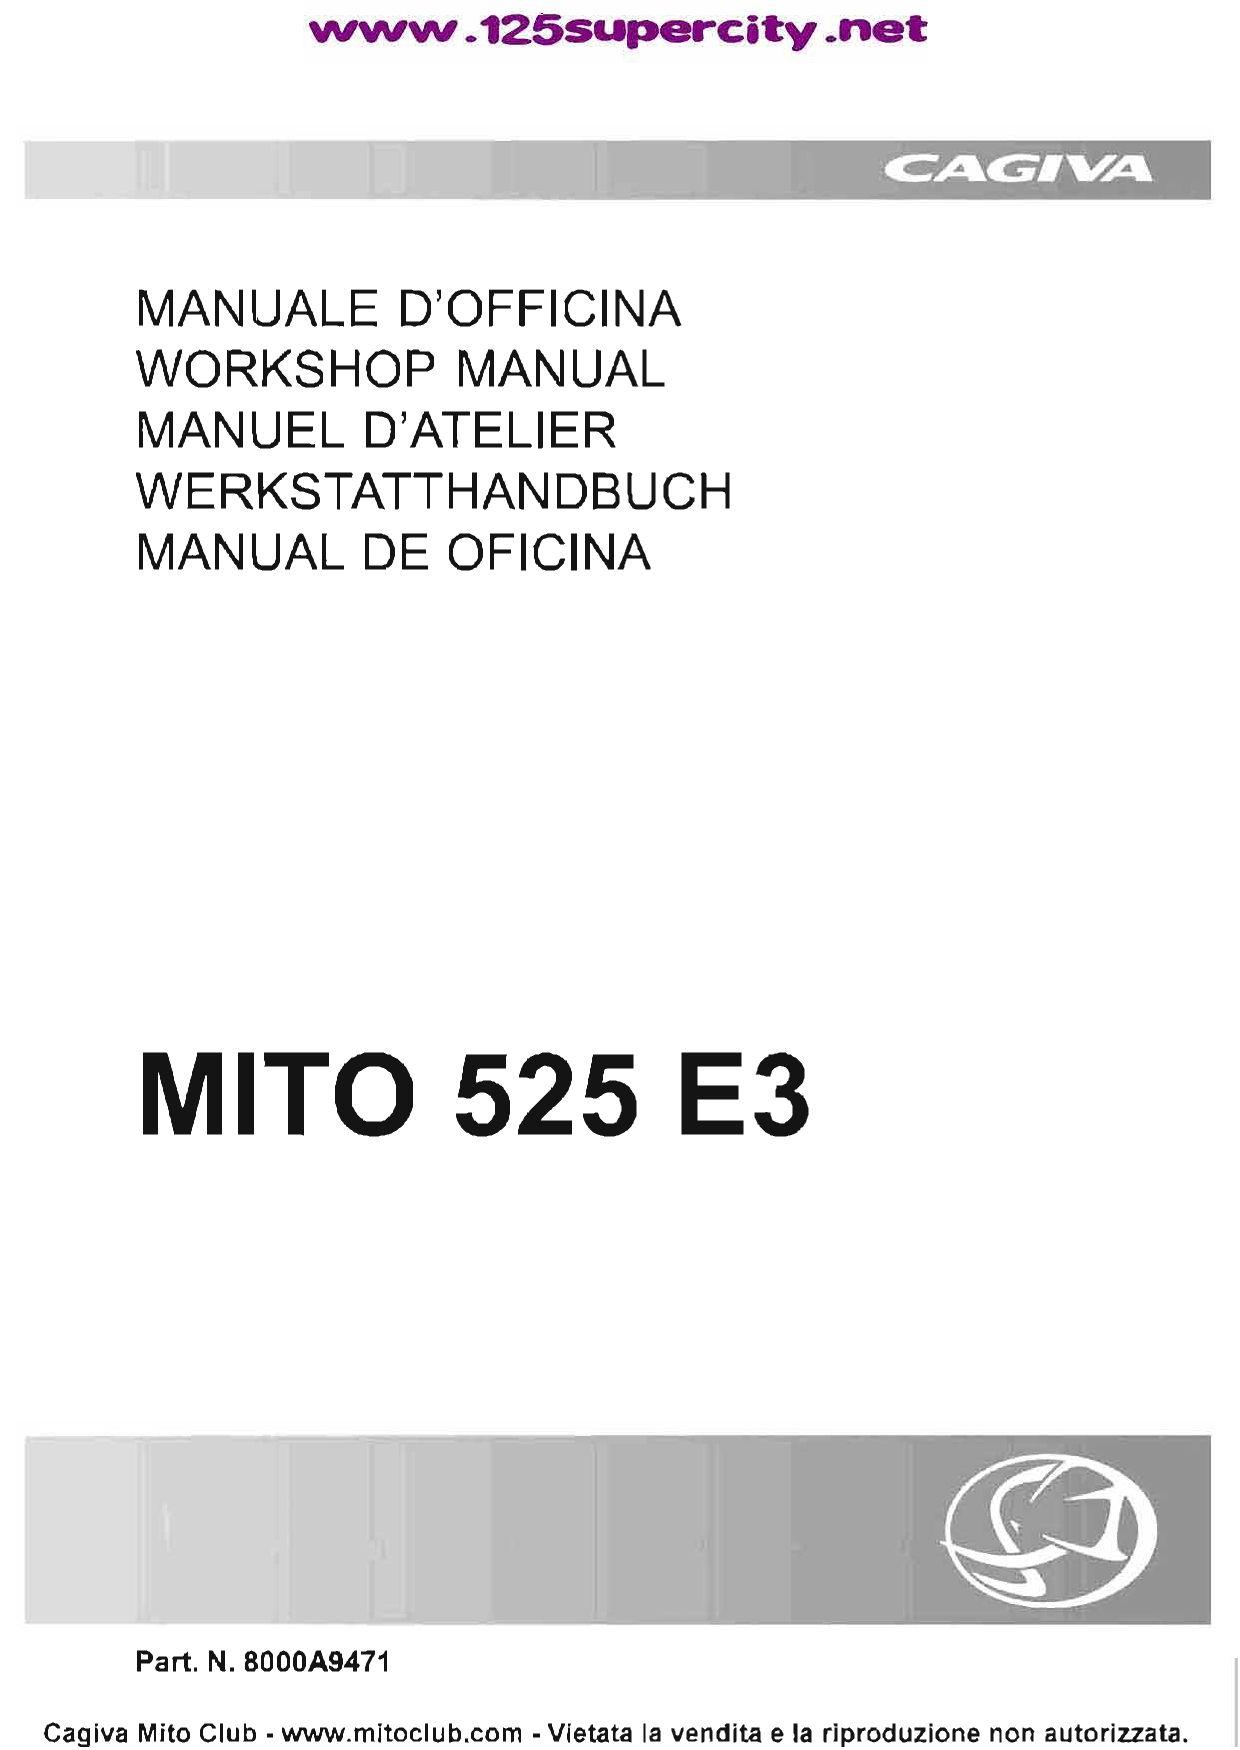 Manuel Cagiva Mito 525 E3 By Christ Cfouq Issuu Alimentazione La Riceve Dal Bec Battery Eliminator Circuit